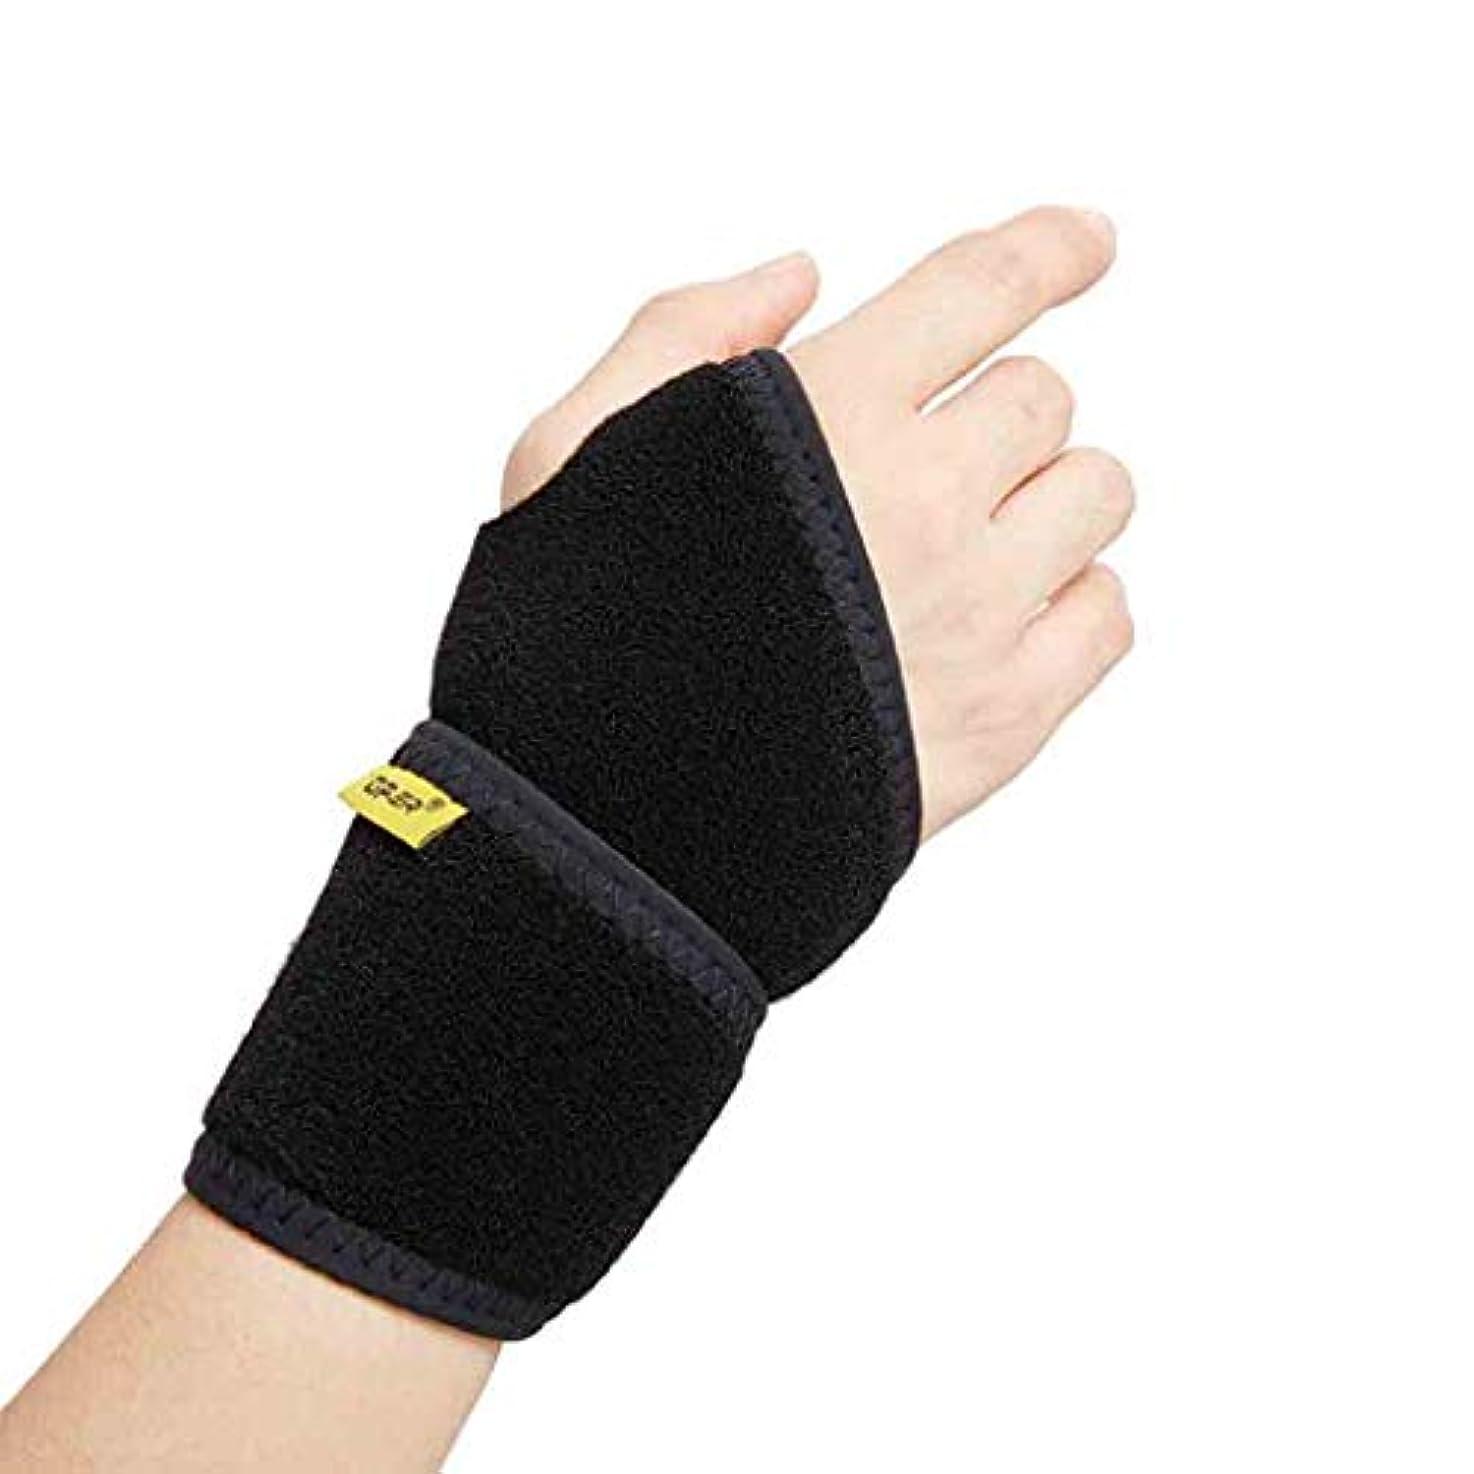 豚ダルセット誤解関節炎のためのThumbのスプリントは右手の手首サポート左手手根サポートを手根管トンネルの痛みを軽減するための男性と女性をトリガー Roscloud@